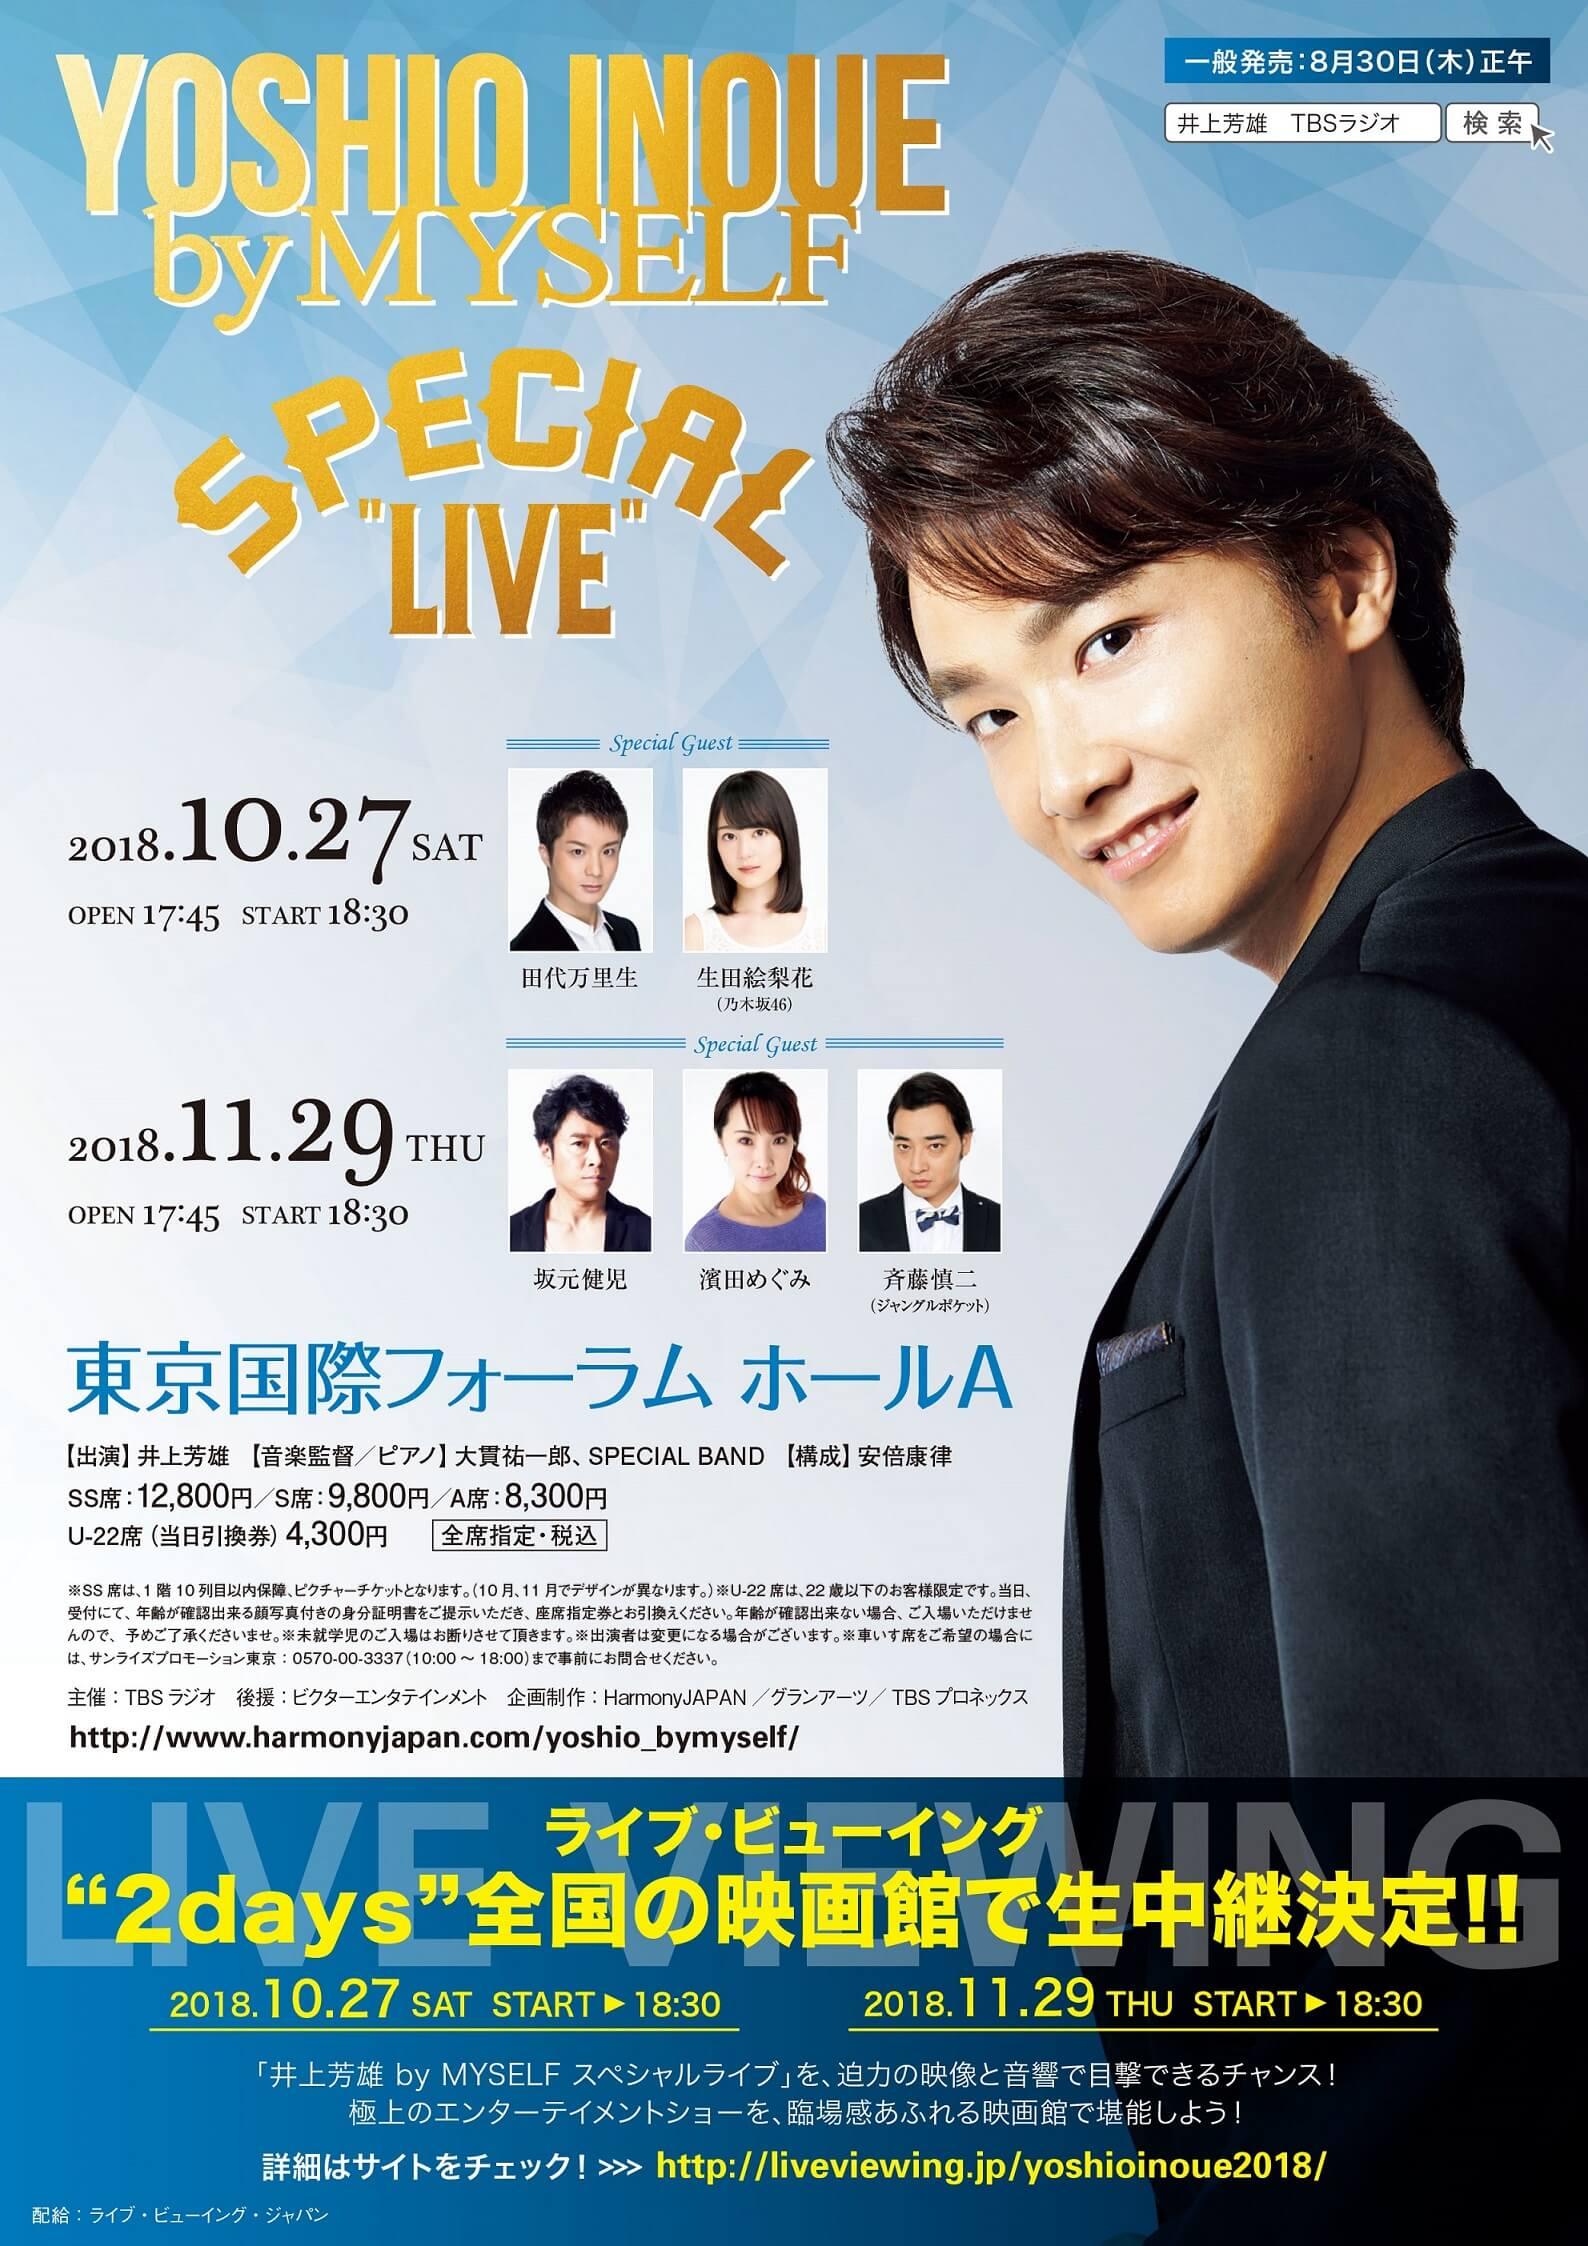 「井上芳雄 by MYSELF スペシャルライブ」のライブ・ビューイングが開催決定